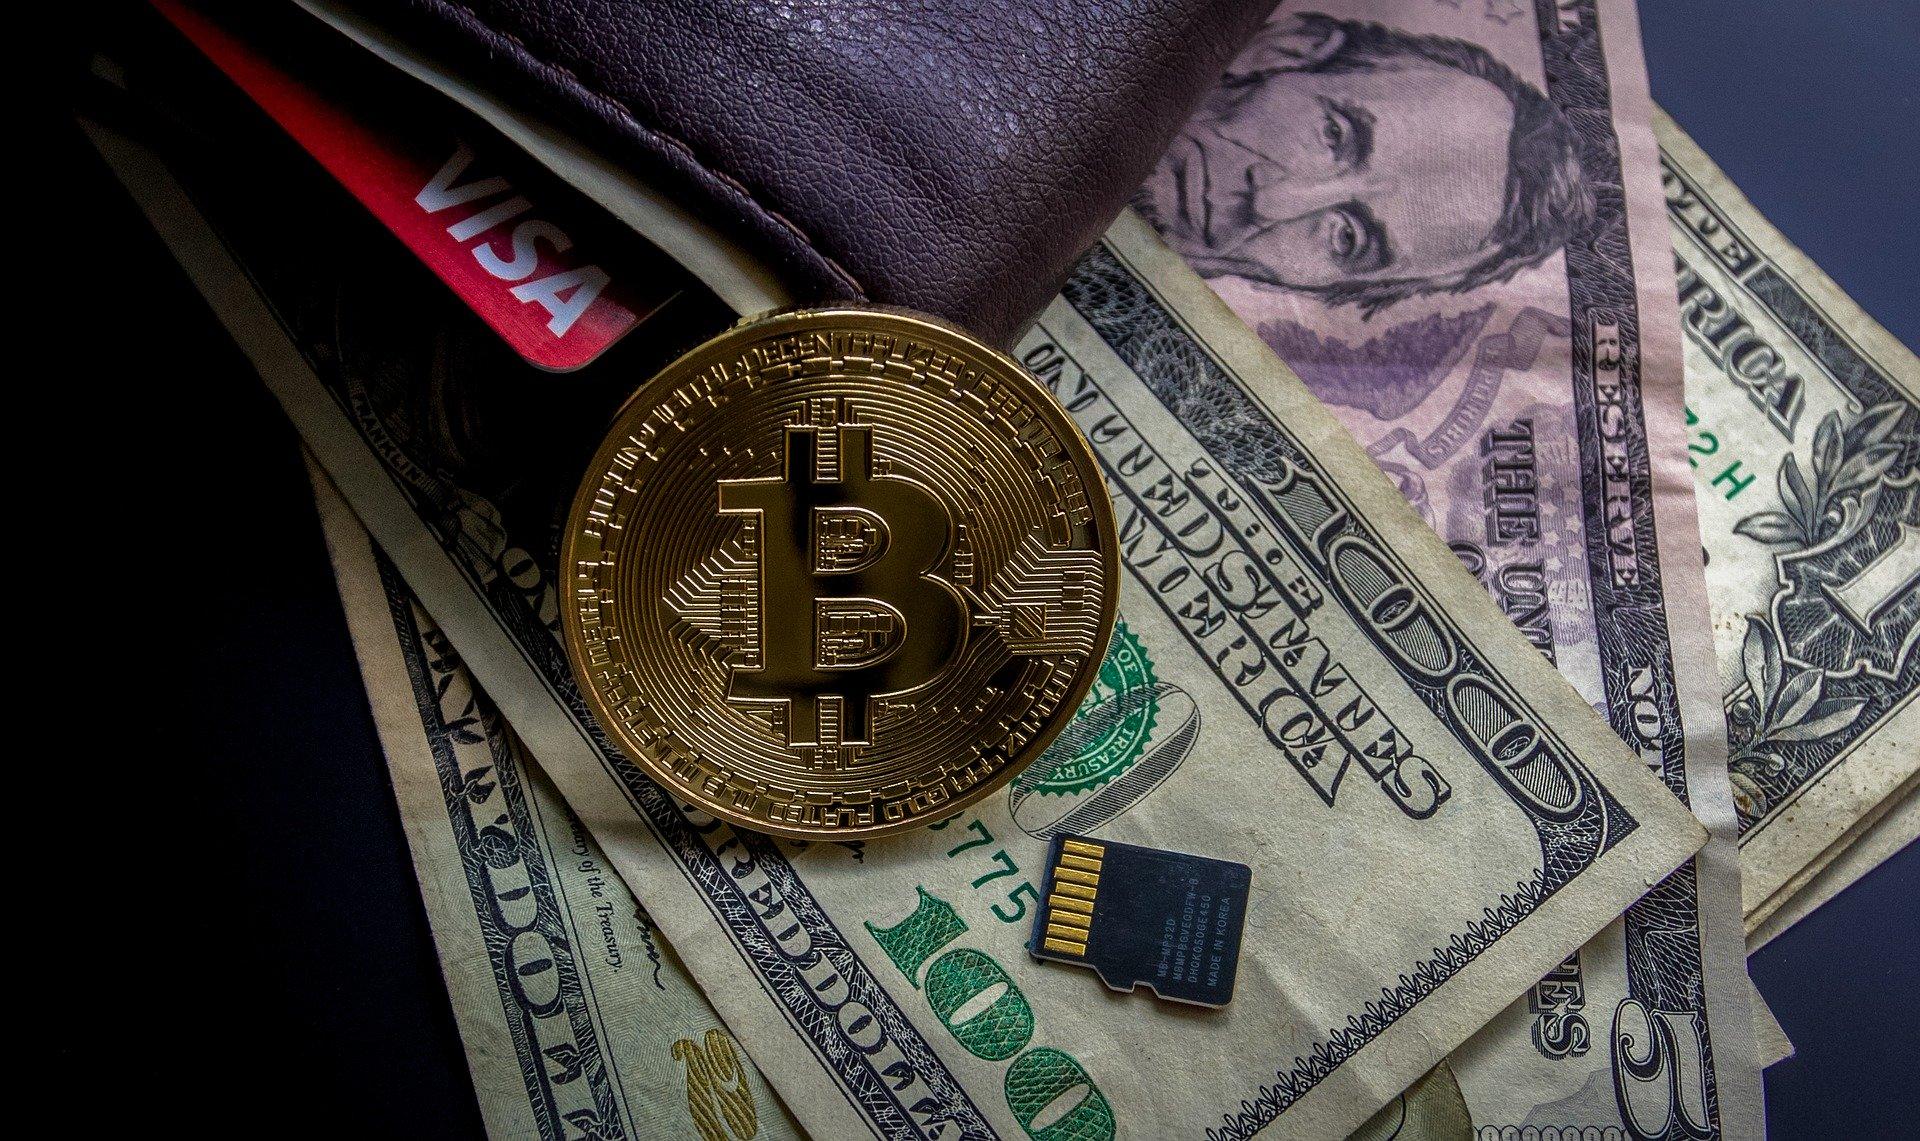 Aktien bei Bitcoin Trader, Metallen und anderen Vermögenswerten